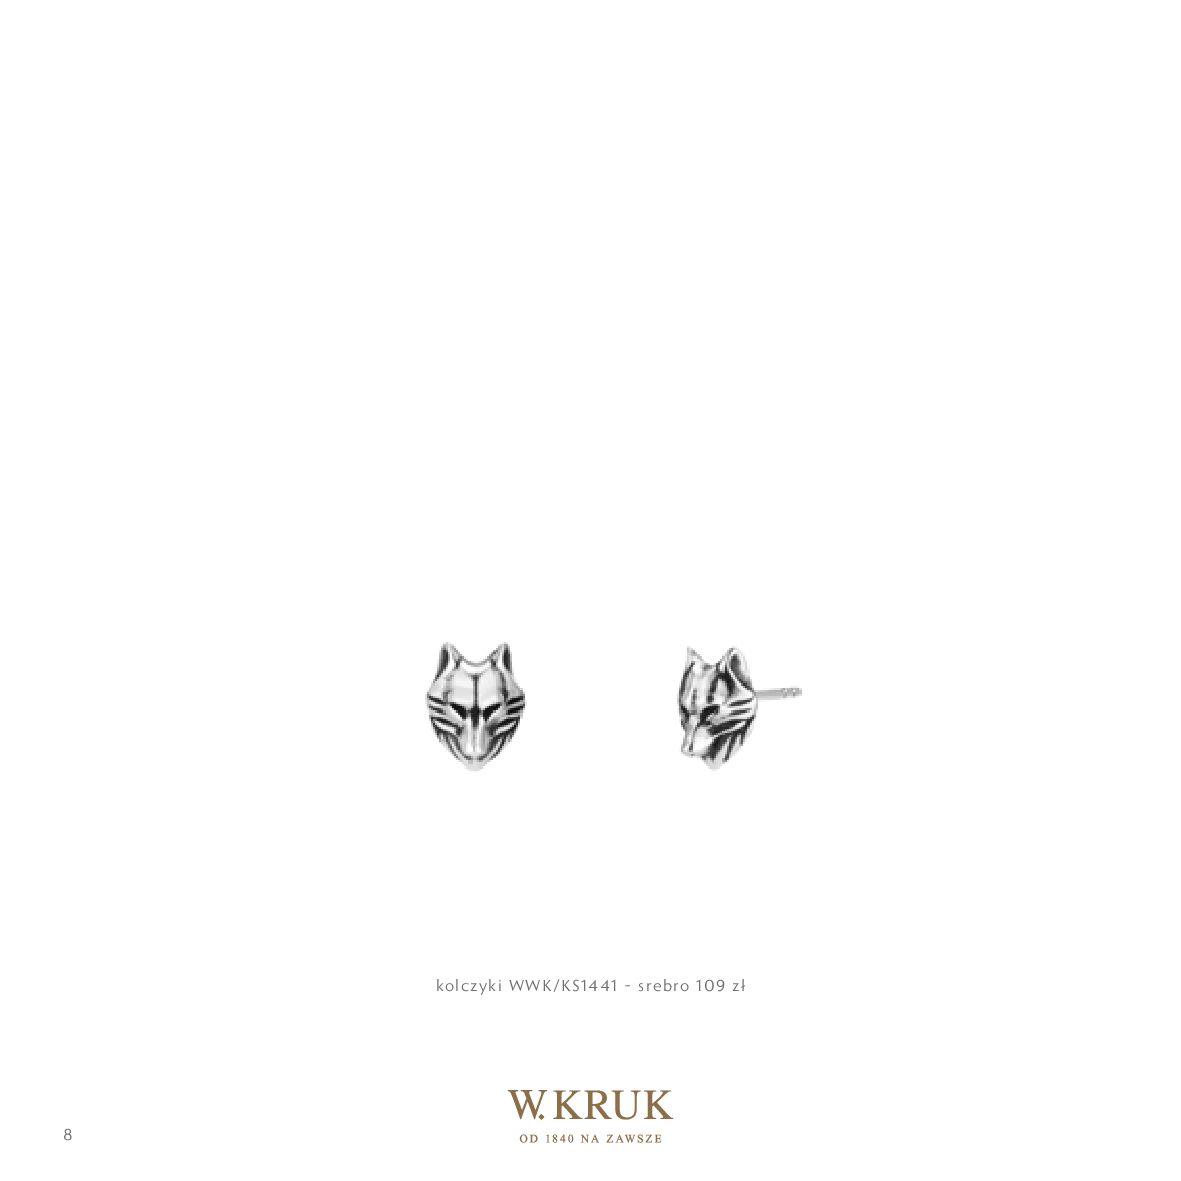 Gazetka W. KRUK: Katalog - Freedom Wolf 2021-02-17 page-10